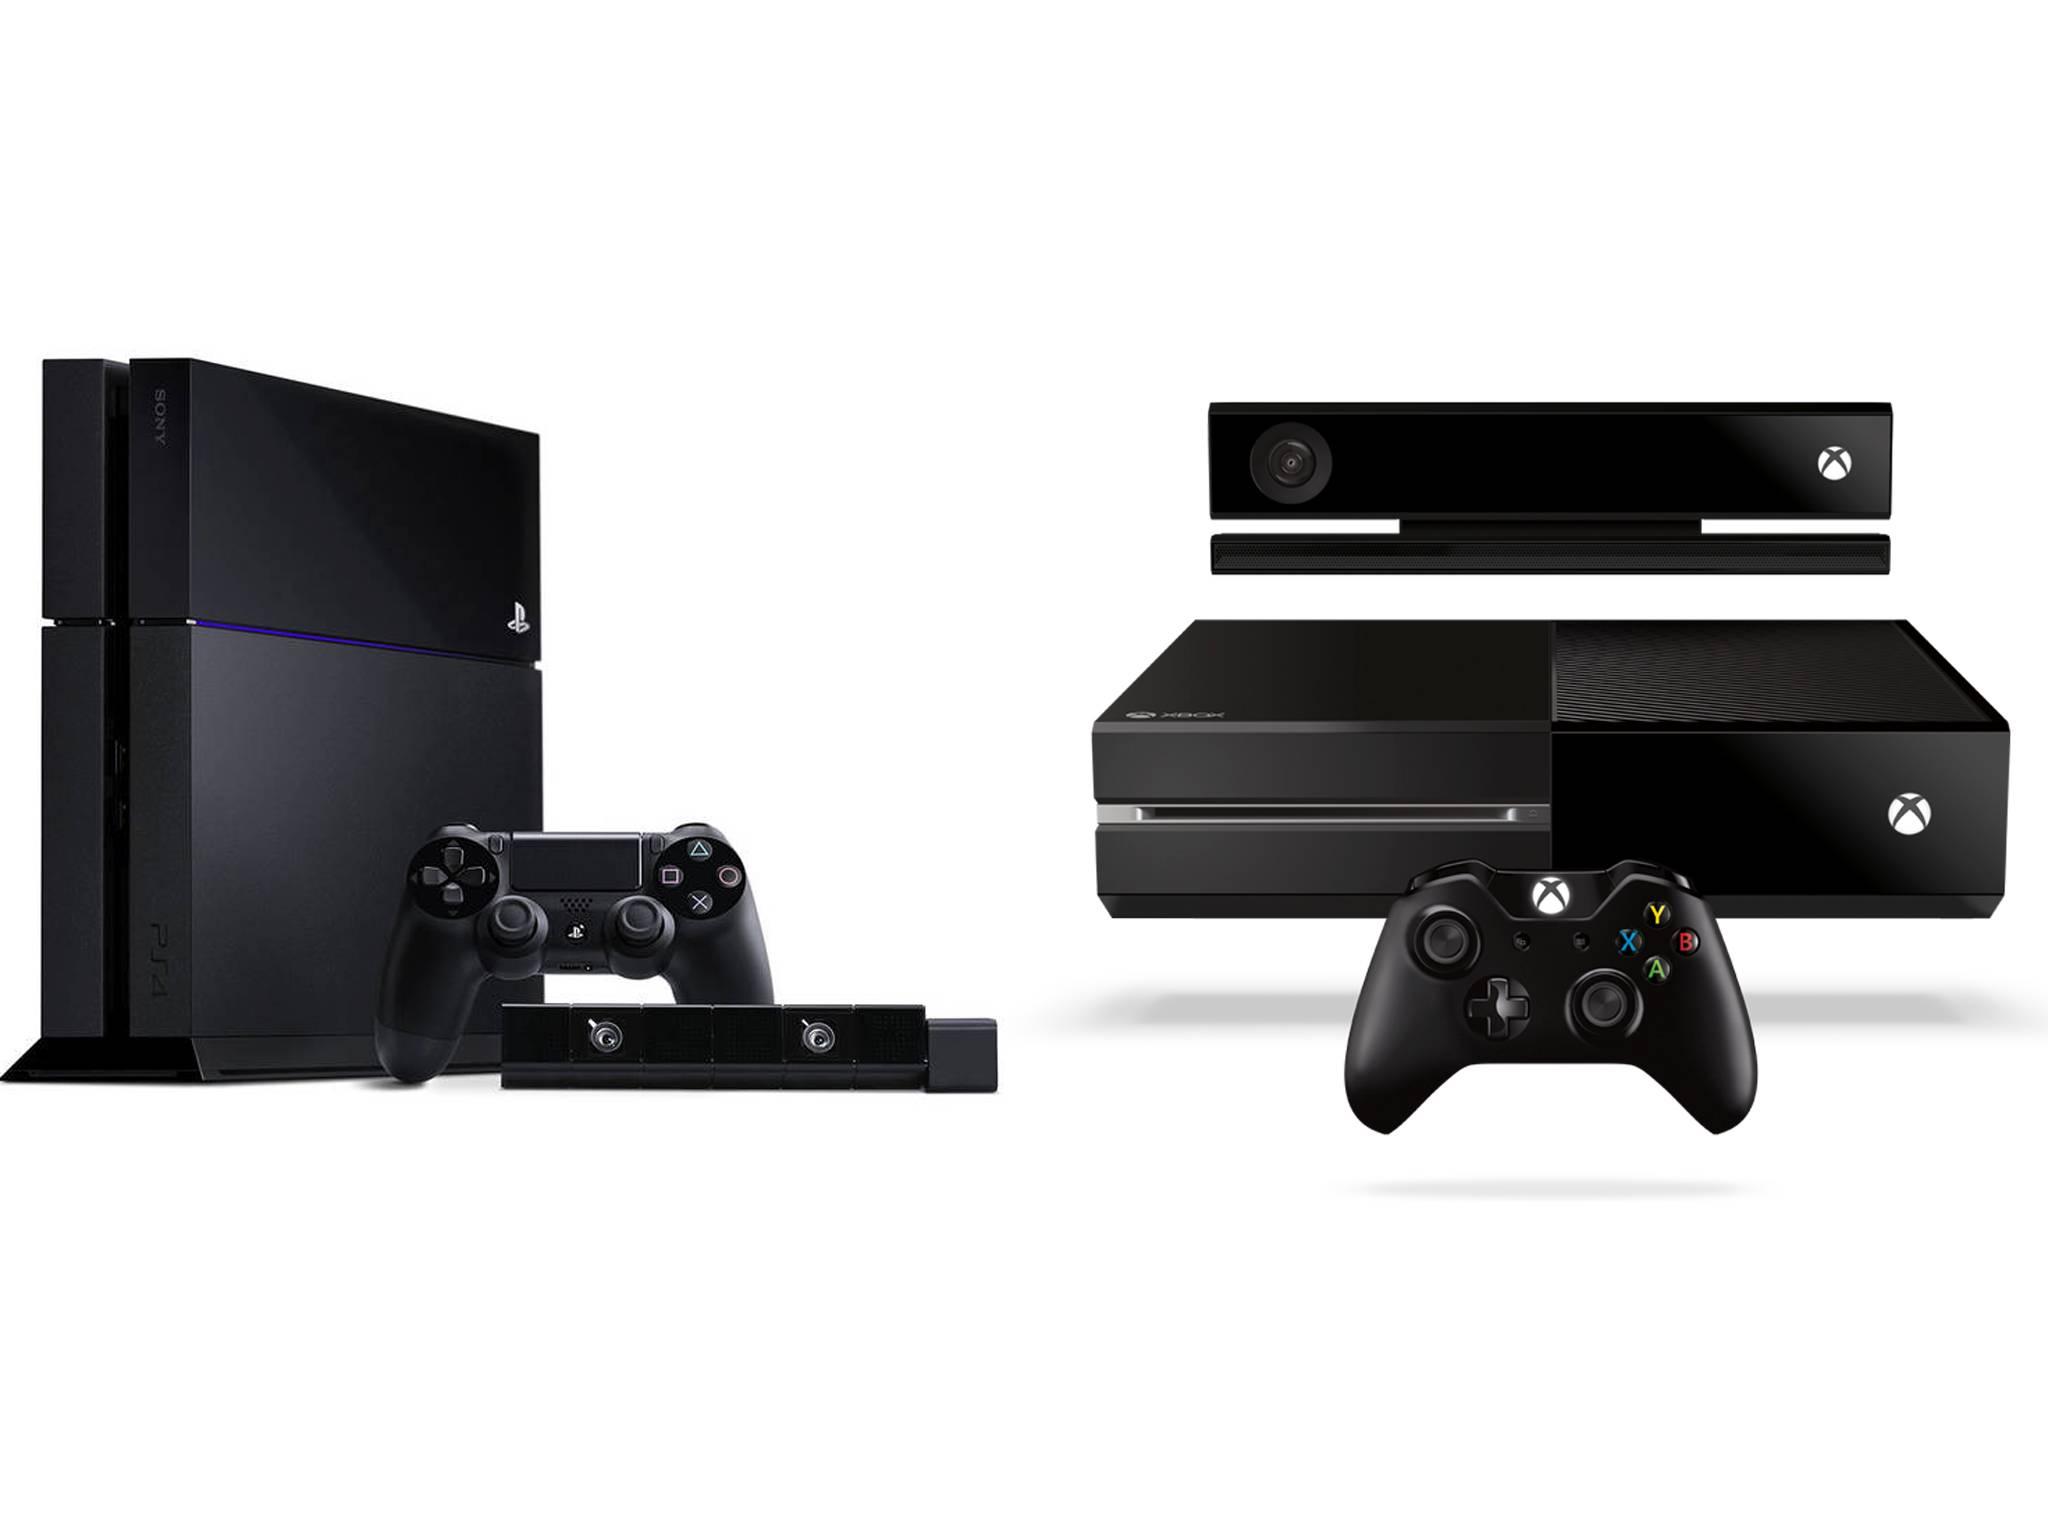 PC vs. Console; The New Wars